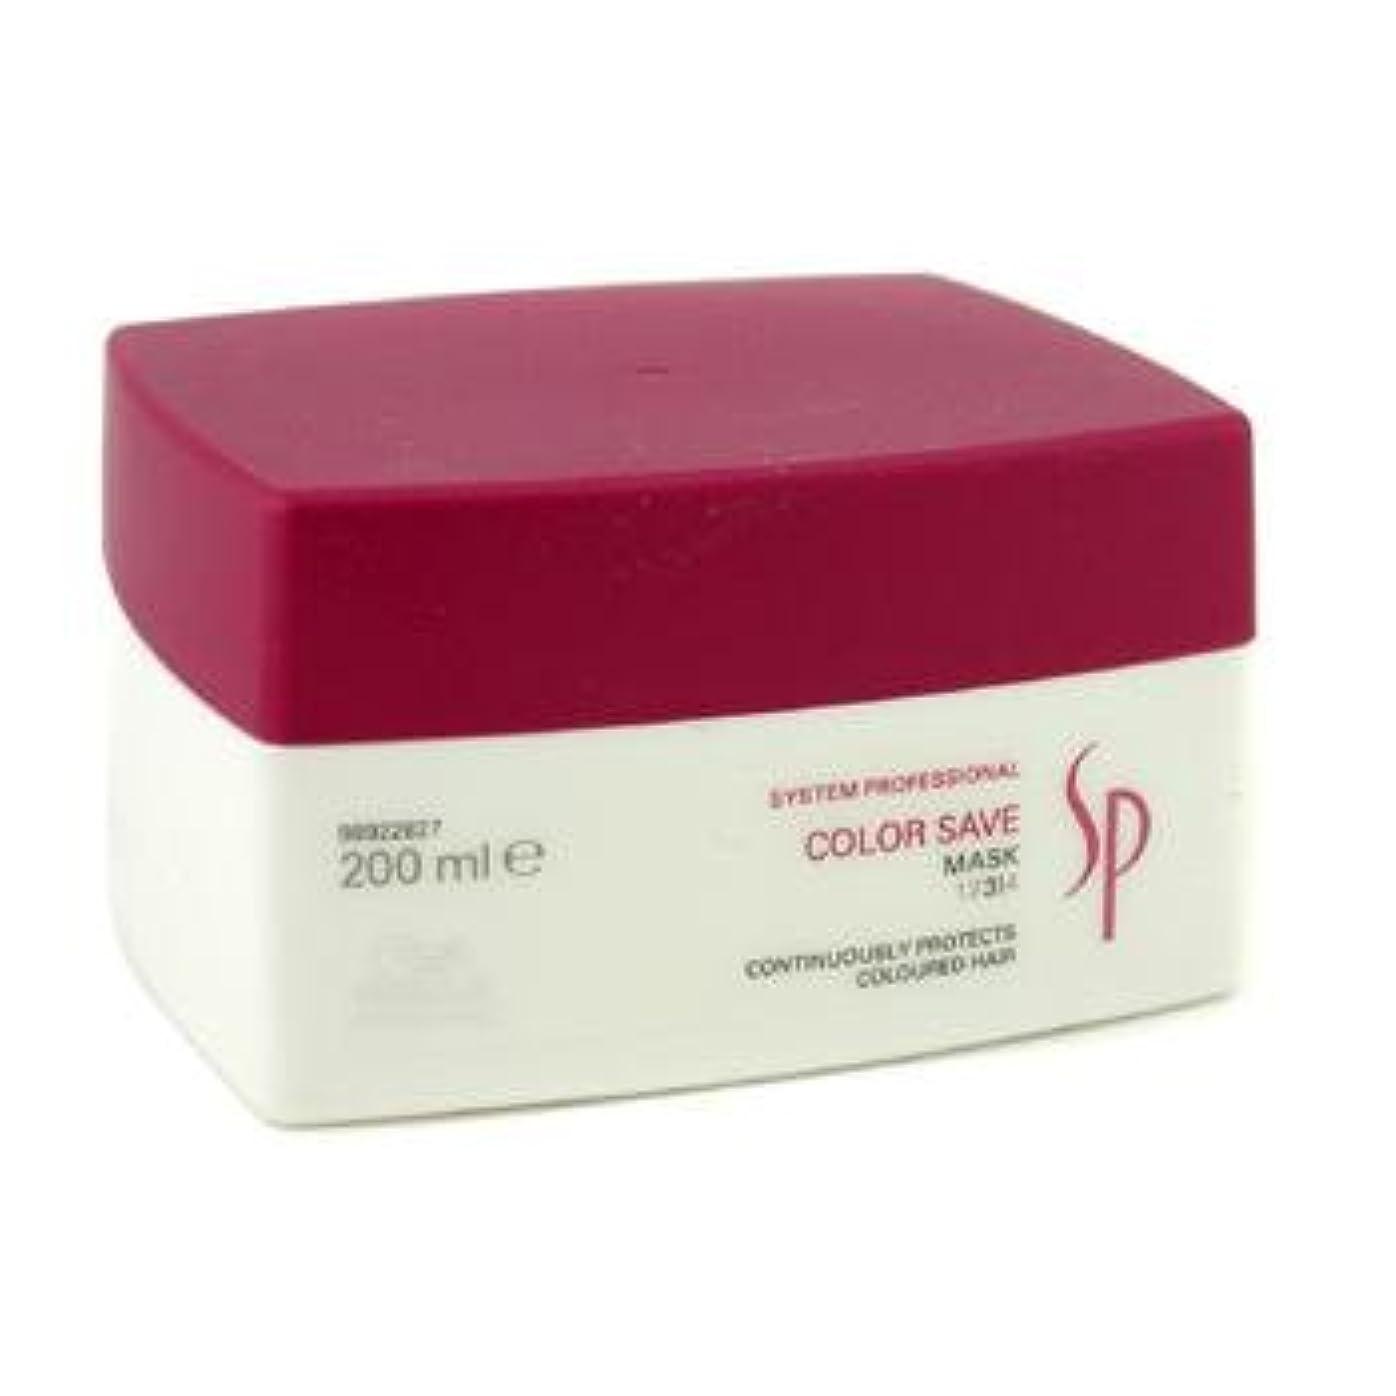 封建丁寧飾る[Wella] SP Color Save Mask ( For Coloured Hair ) 200ml/6.67oz[並行輸入品] [並行輸入品]